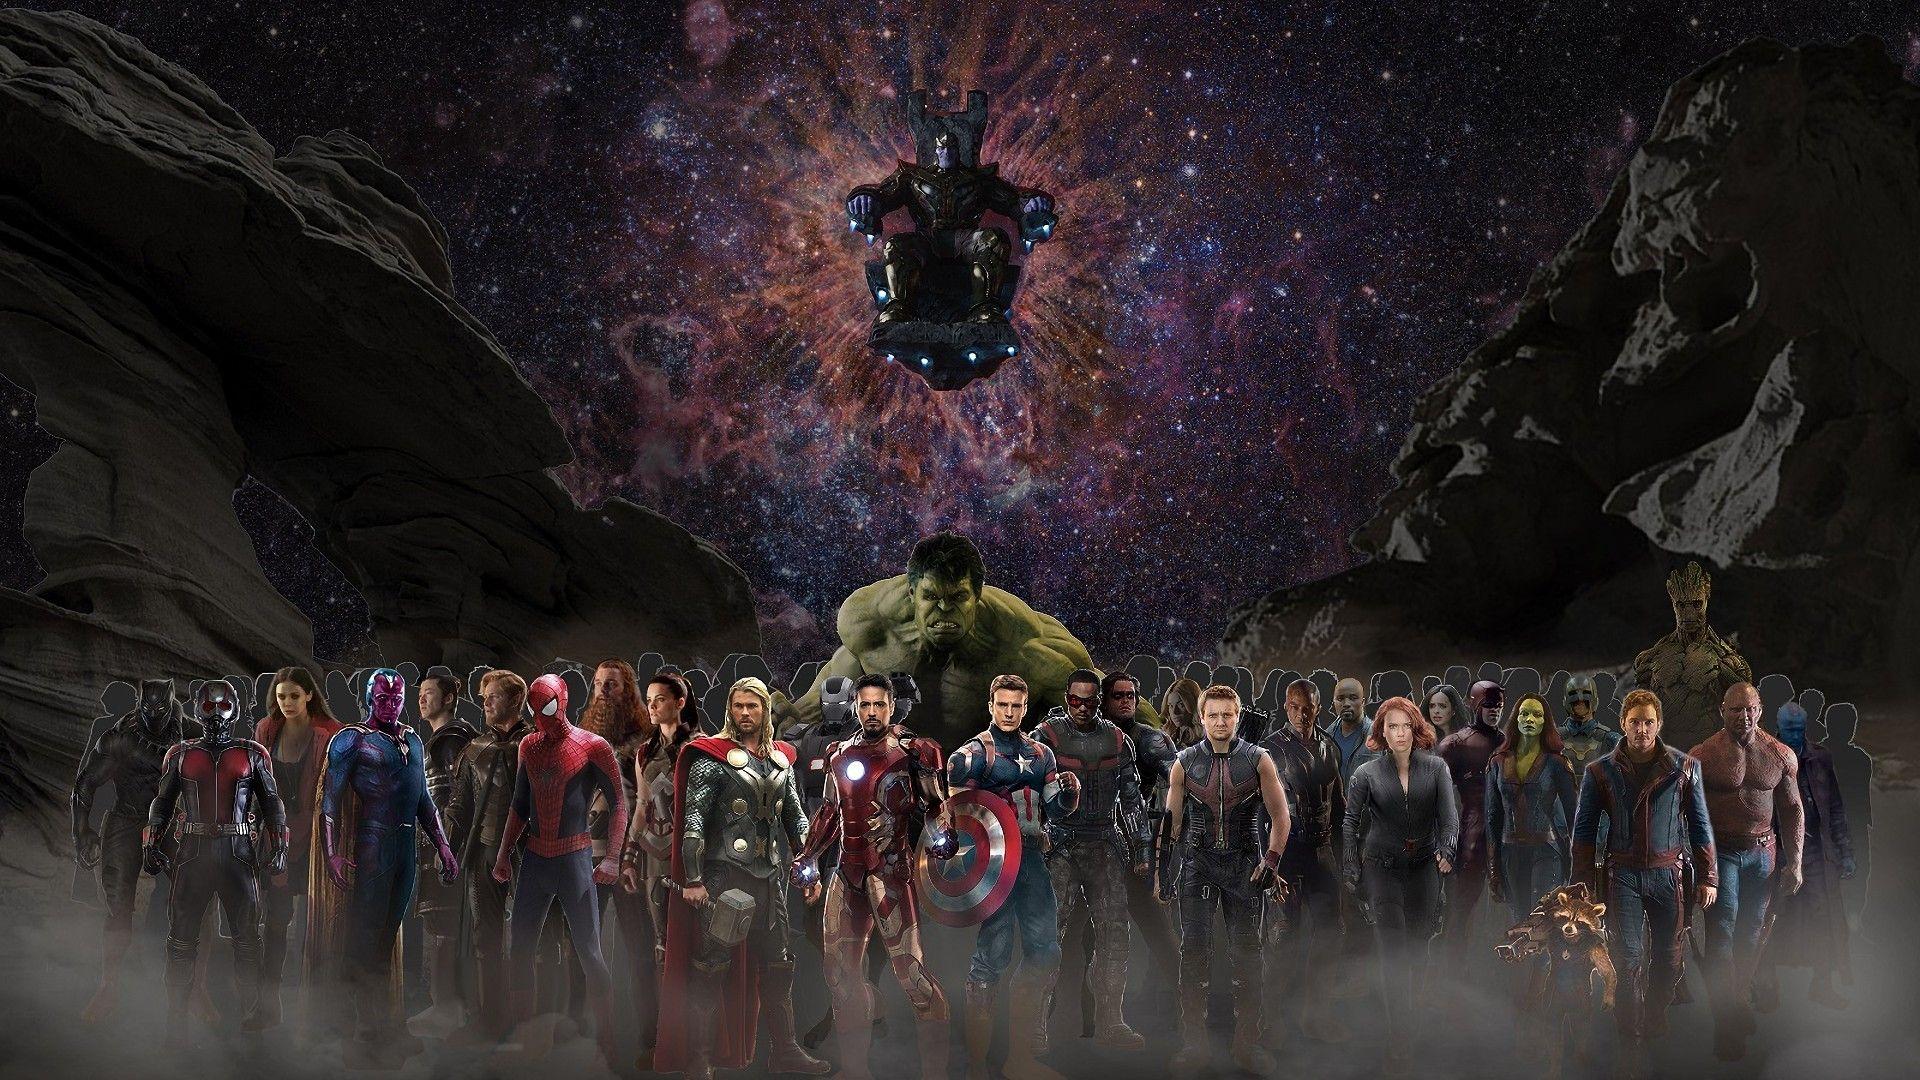 Wallpaper Avengers Infinity War Hd 2021 Live Wallpaper Hd Marvel Infinity War Avengers Infinity War Avengers